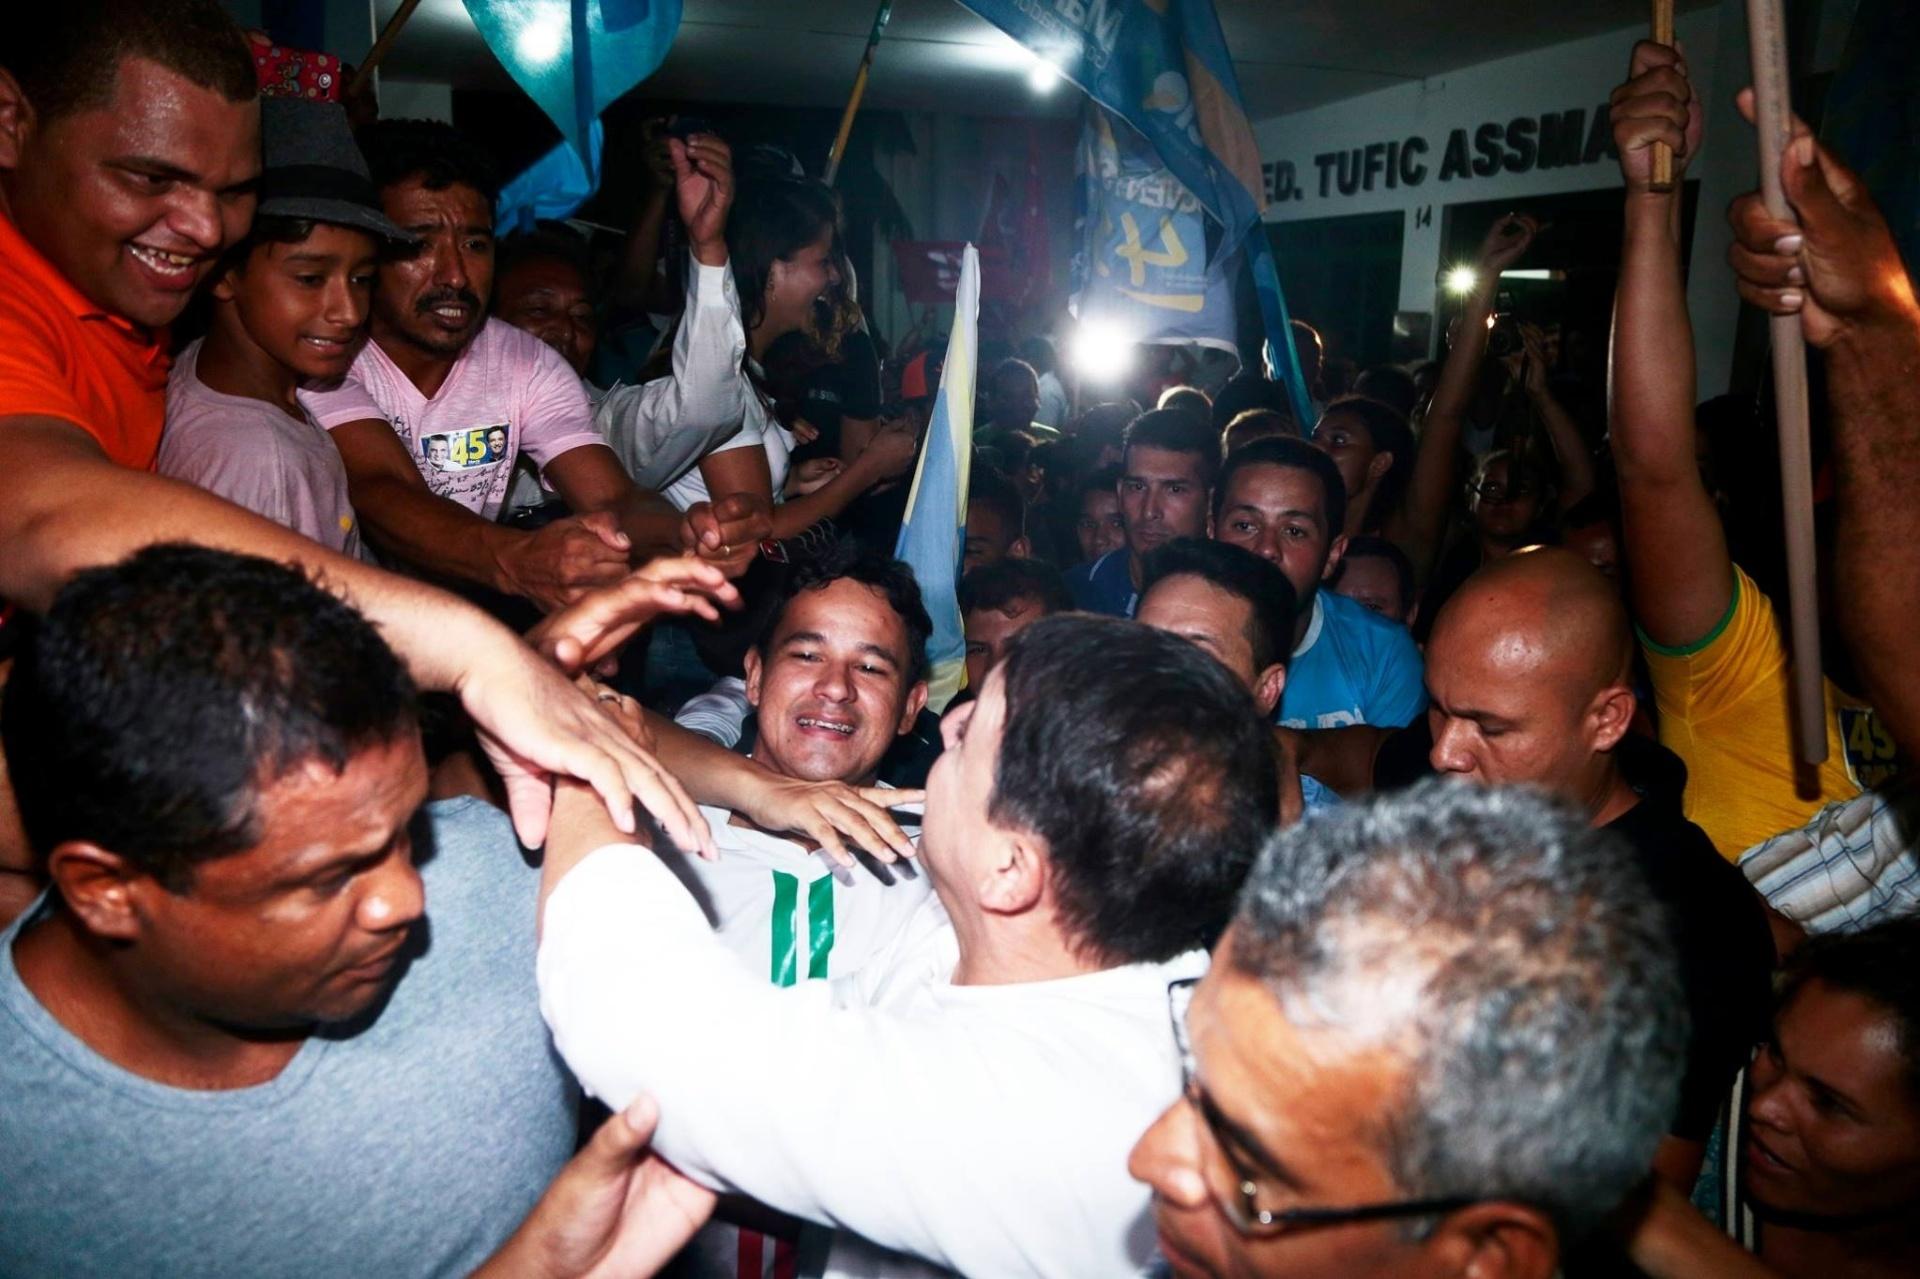 25.out.2014 - Márcio Bittar, candidato do PSDB ao governo do Acre, é cercado por eleitores durante ato de campanha, nessa  sexta-feira (24). Ele tem 47% das intenções de voto, segundo pesquisa Ibope divulgada em 17 de outubro. Tião Viana (PT) tem 53%